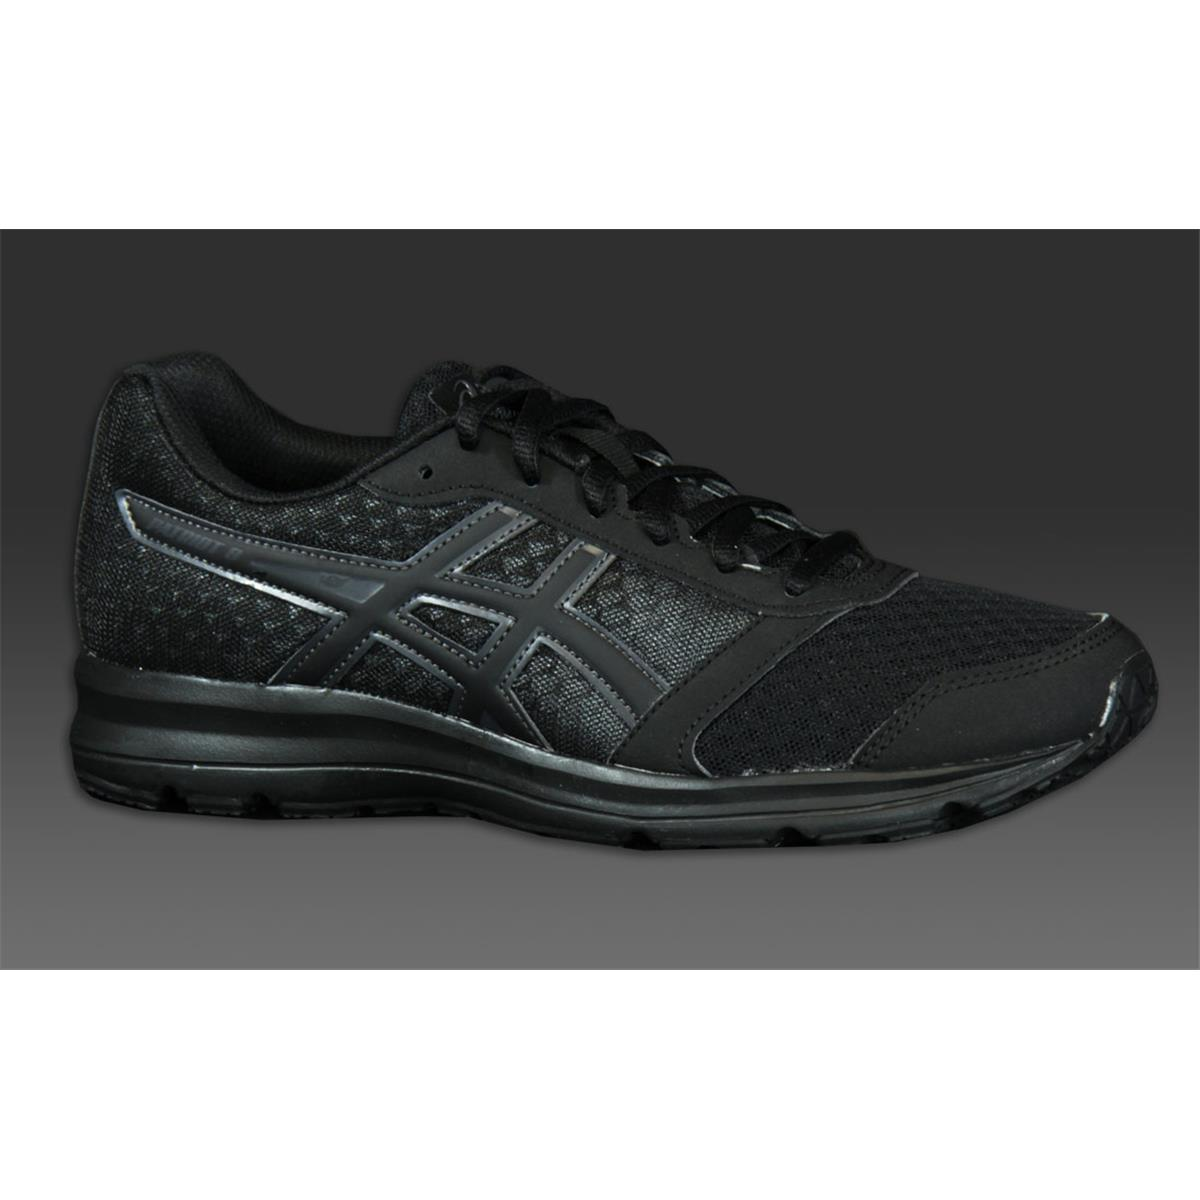 Chaussures de femme course pour femme Asics Patriot 8 de pour | 3727d20 - www.adaysrsseminar.website